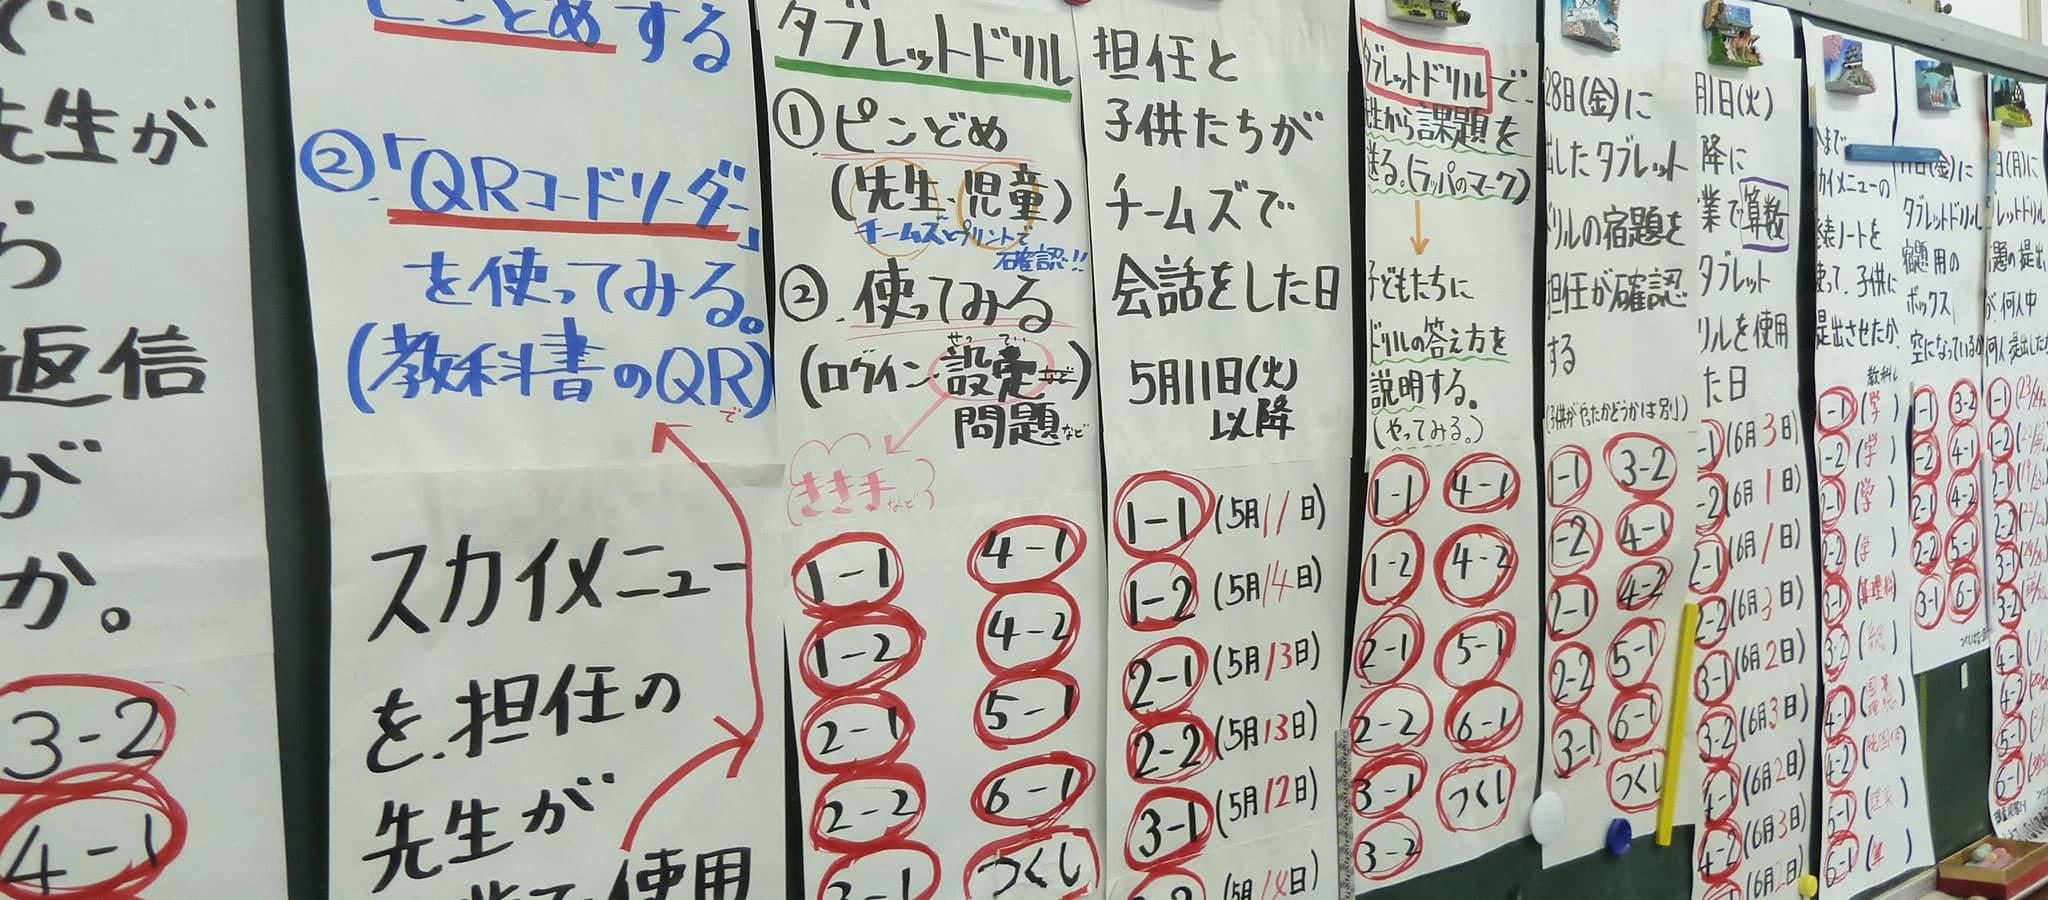 10万8000台の「1人1台端末」、神戸市奮闘の舞台裏